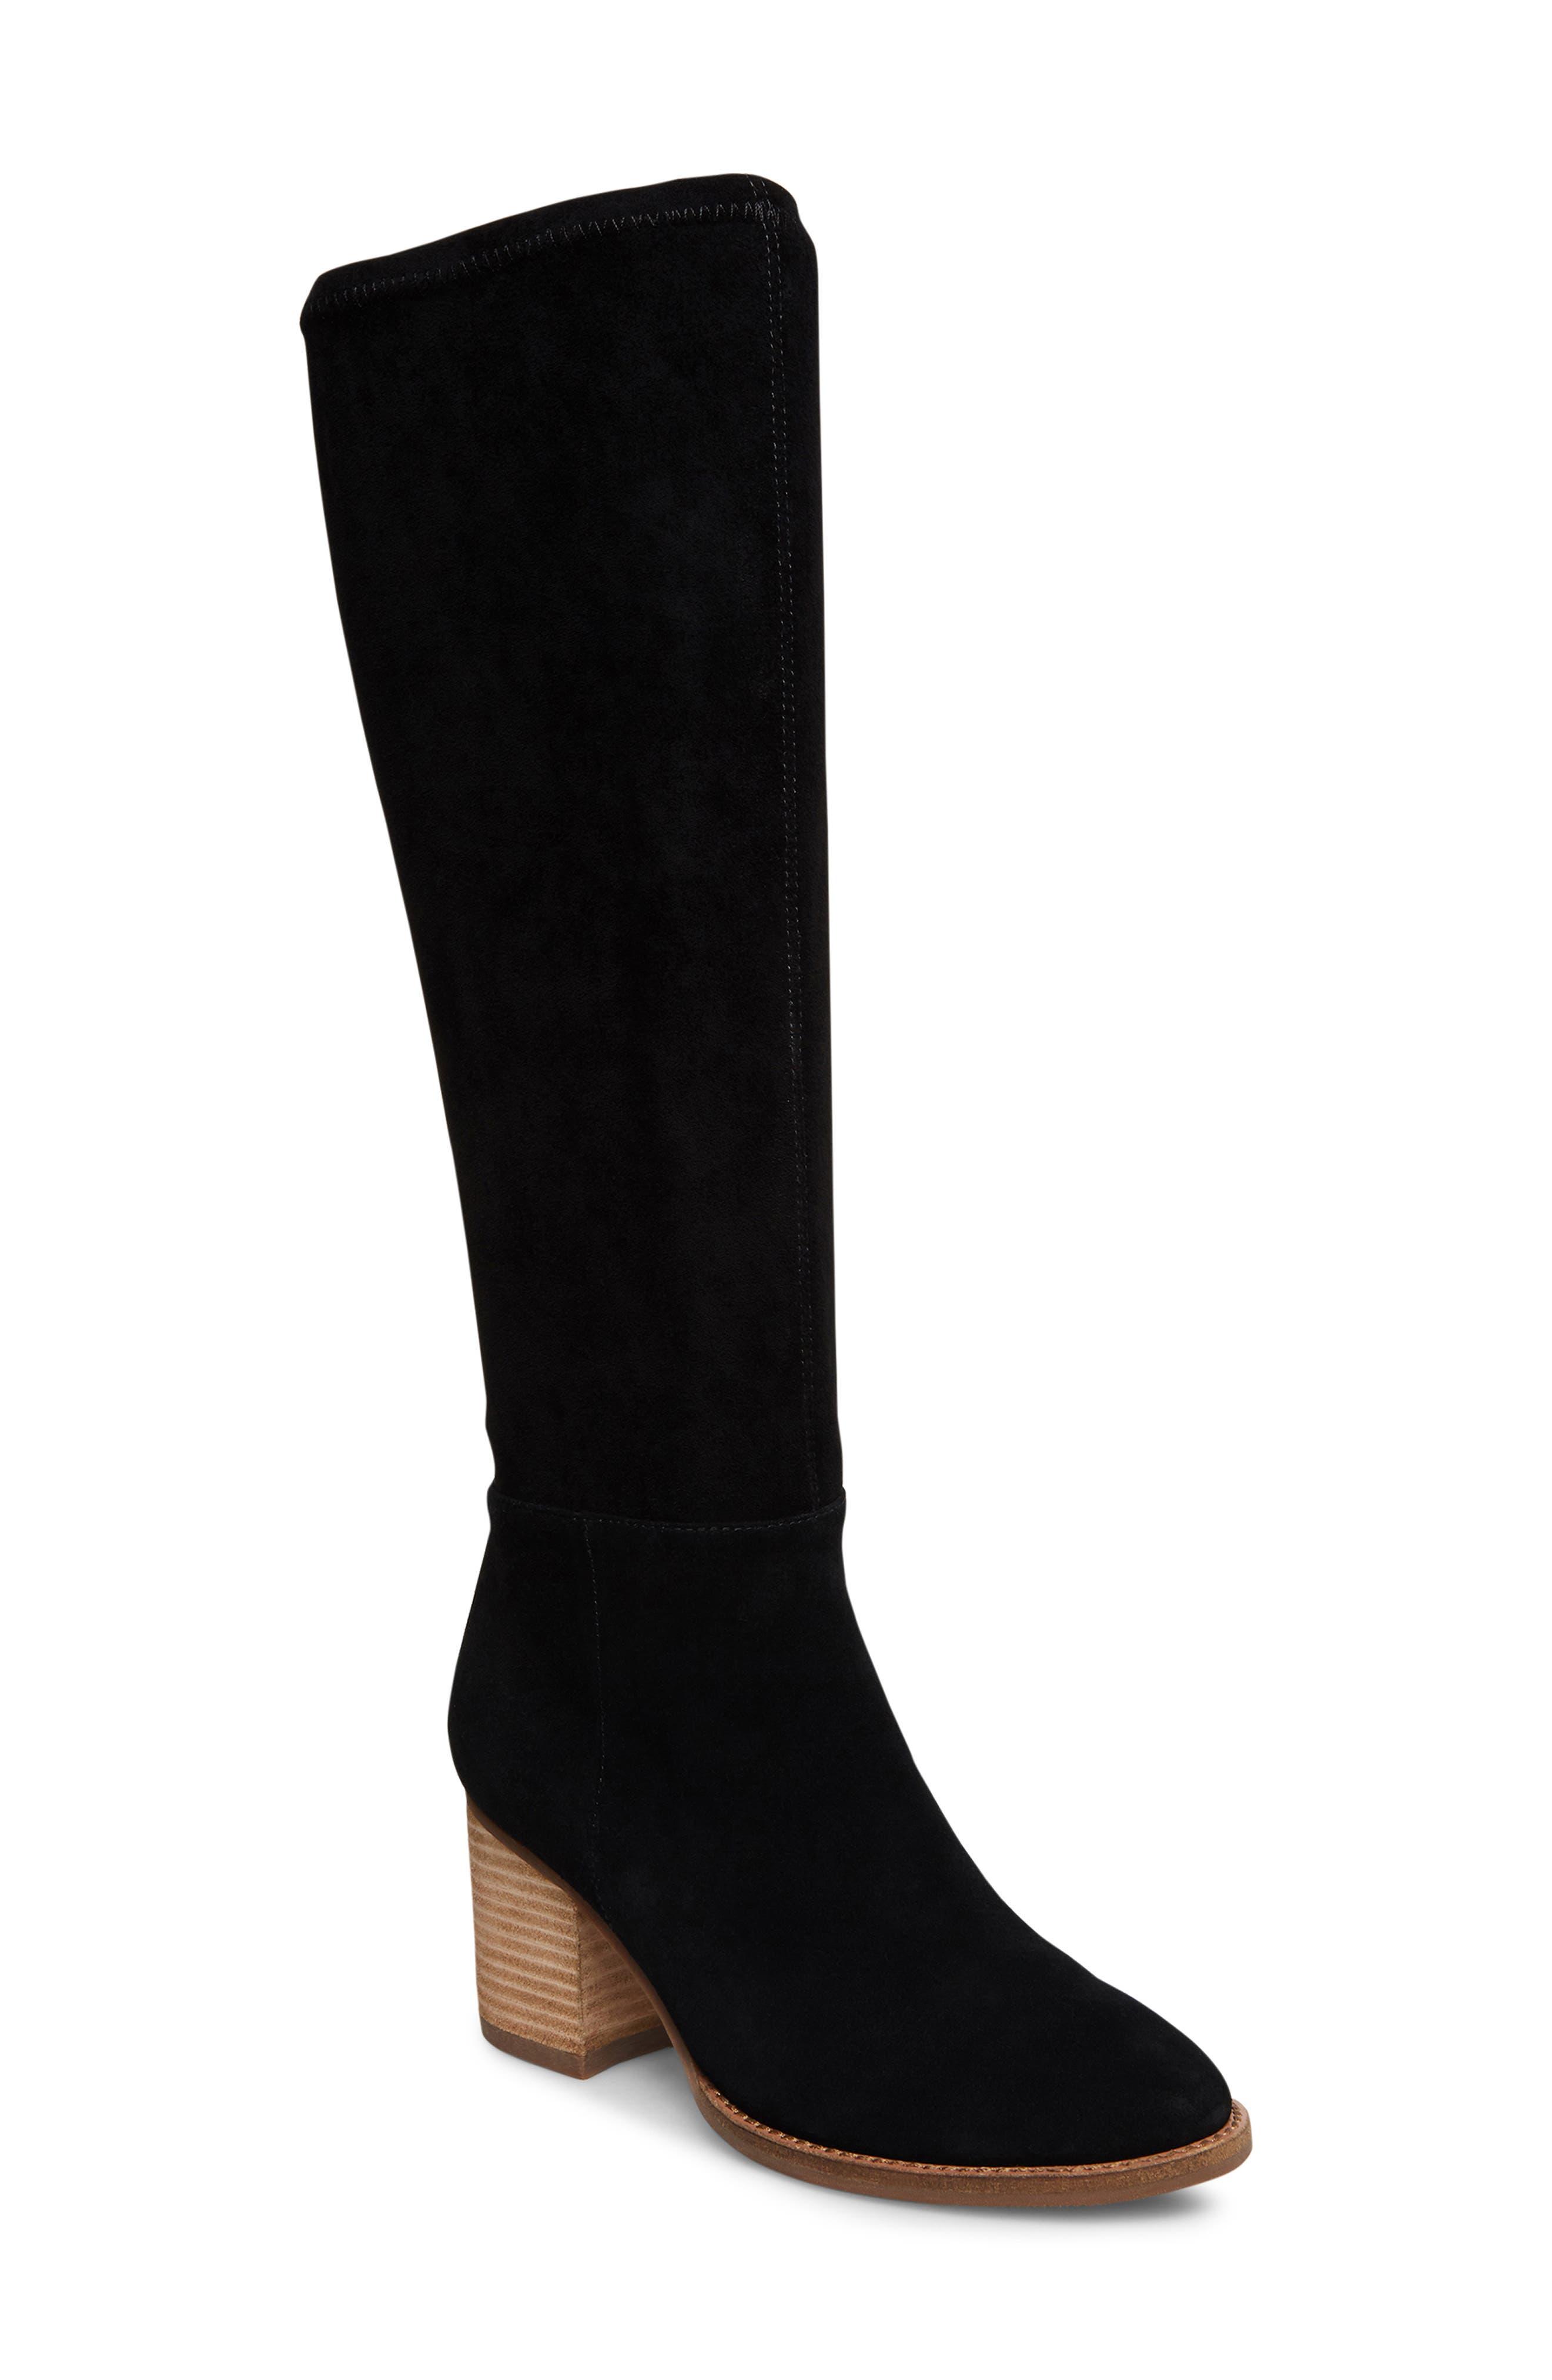 Image of Blondo Nada Waterproof Knee High Boot